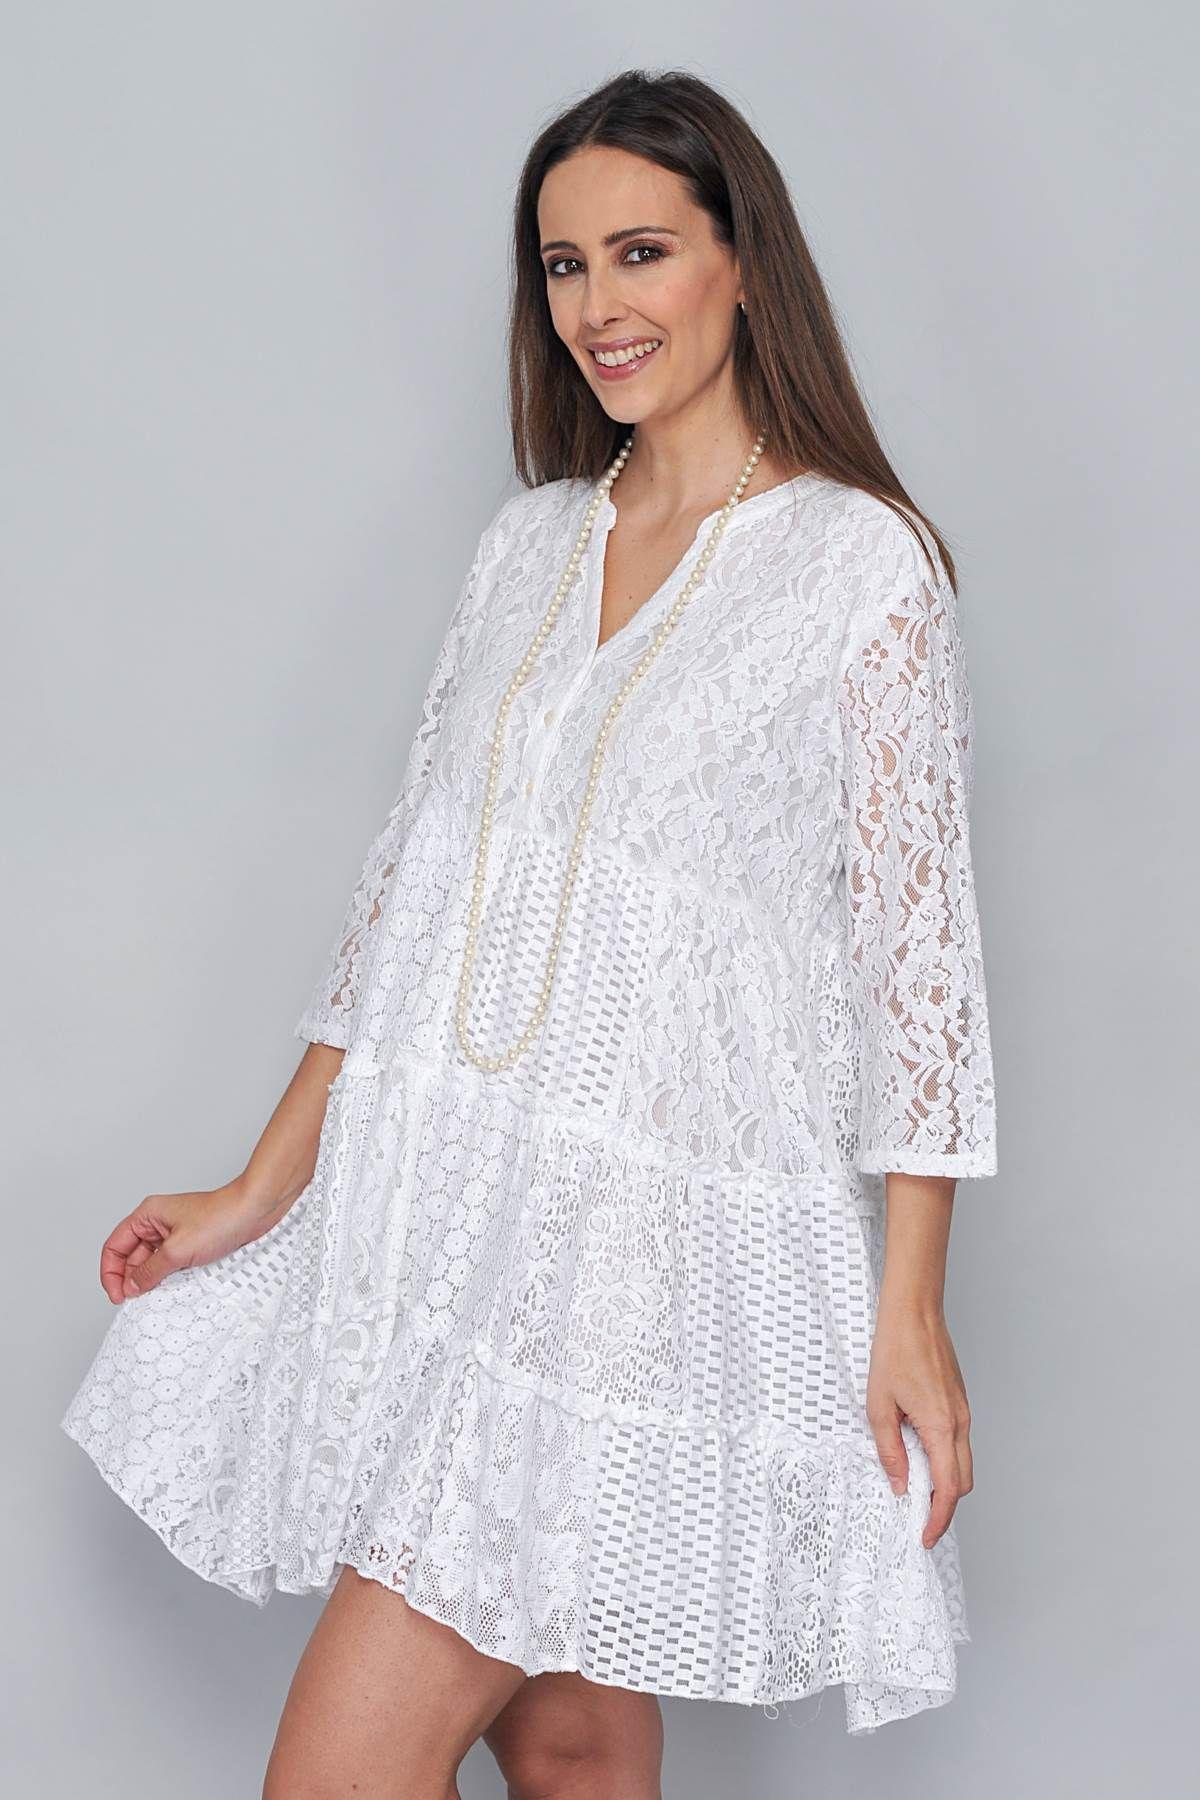 e52890de552 Robe blanche